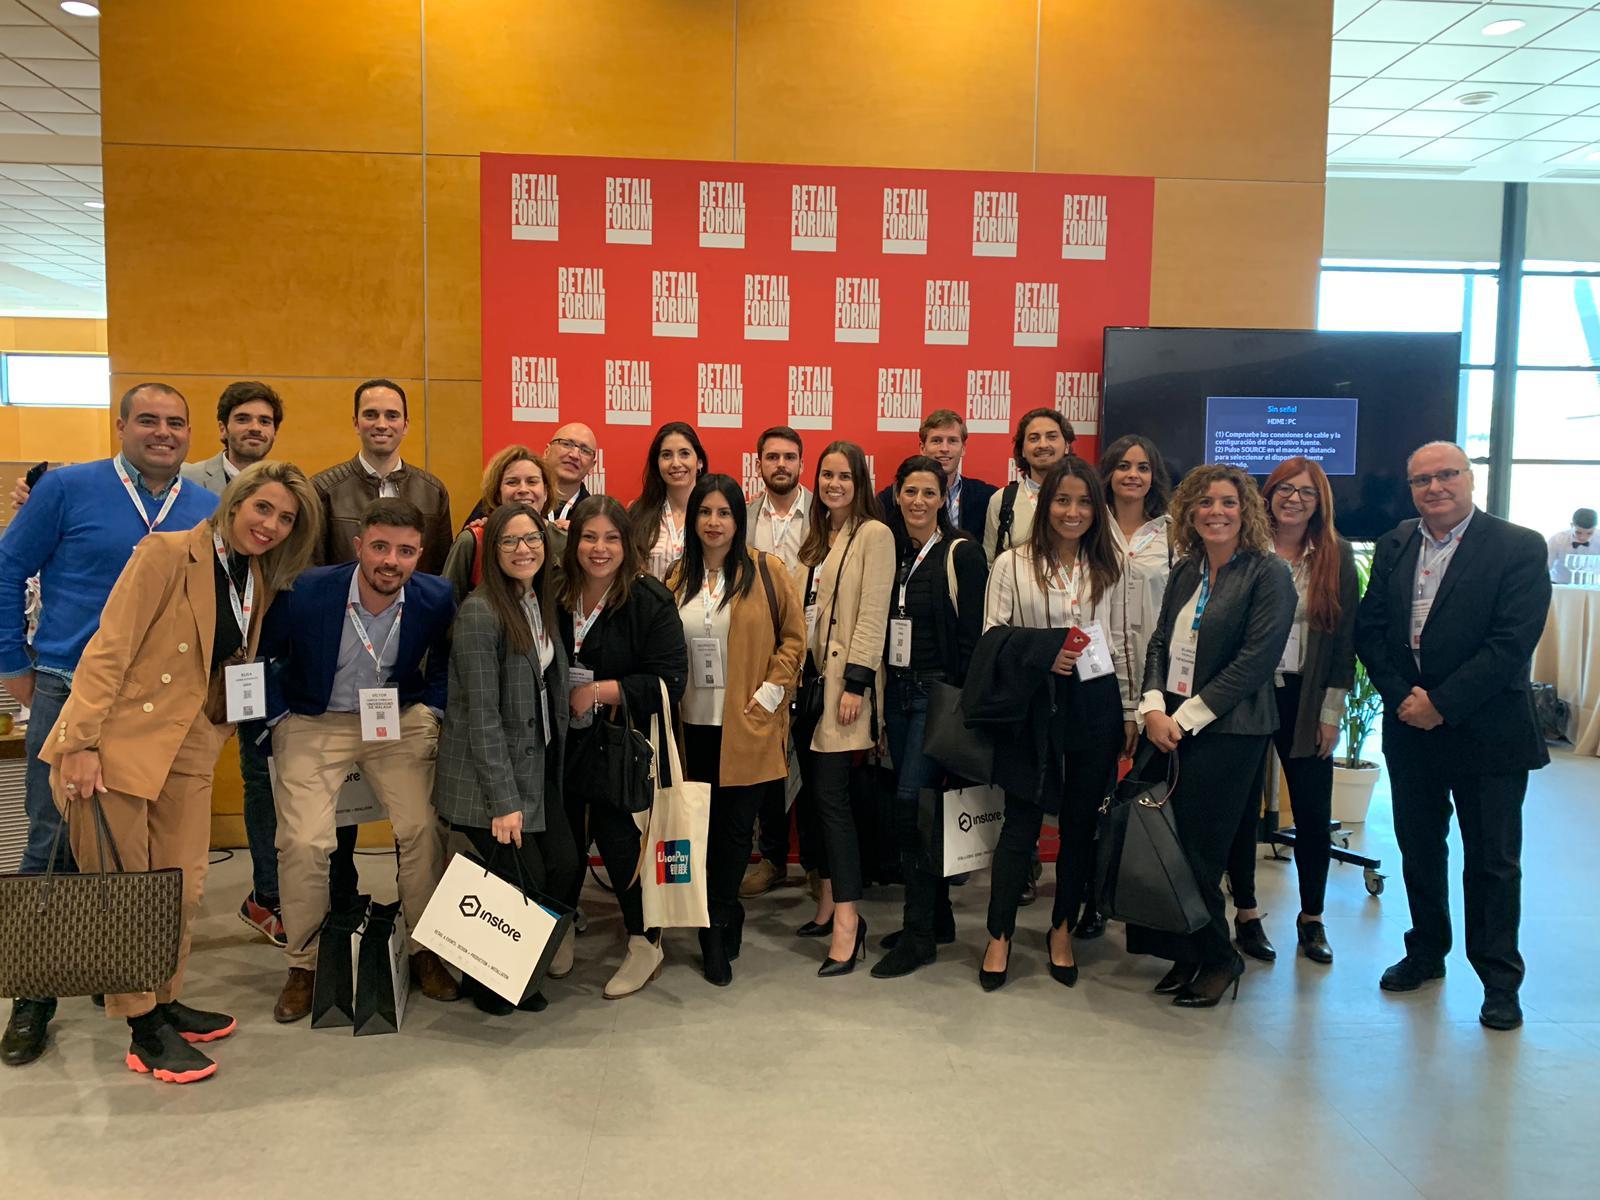 Los alumnos del Máster de Retail Marketing asisten al Retail Fórum 2019, en Madrid, el evento de referencia del sector en España.